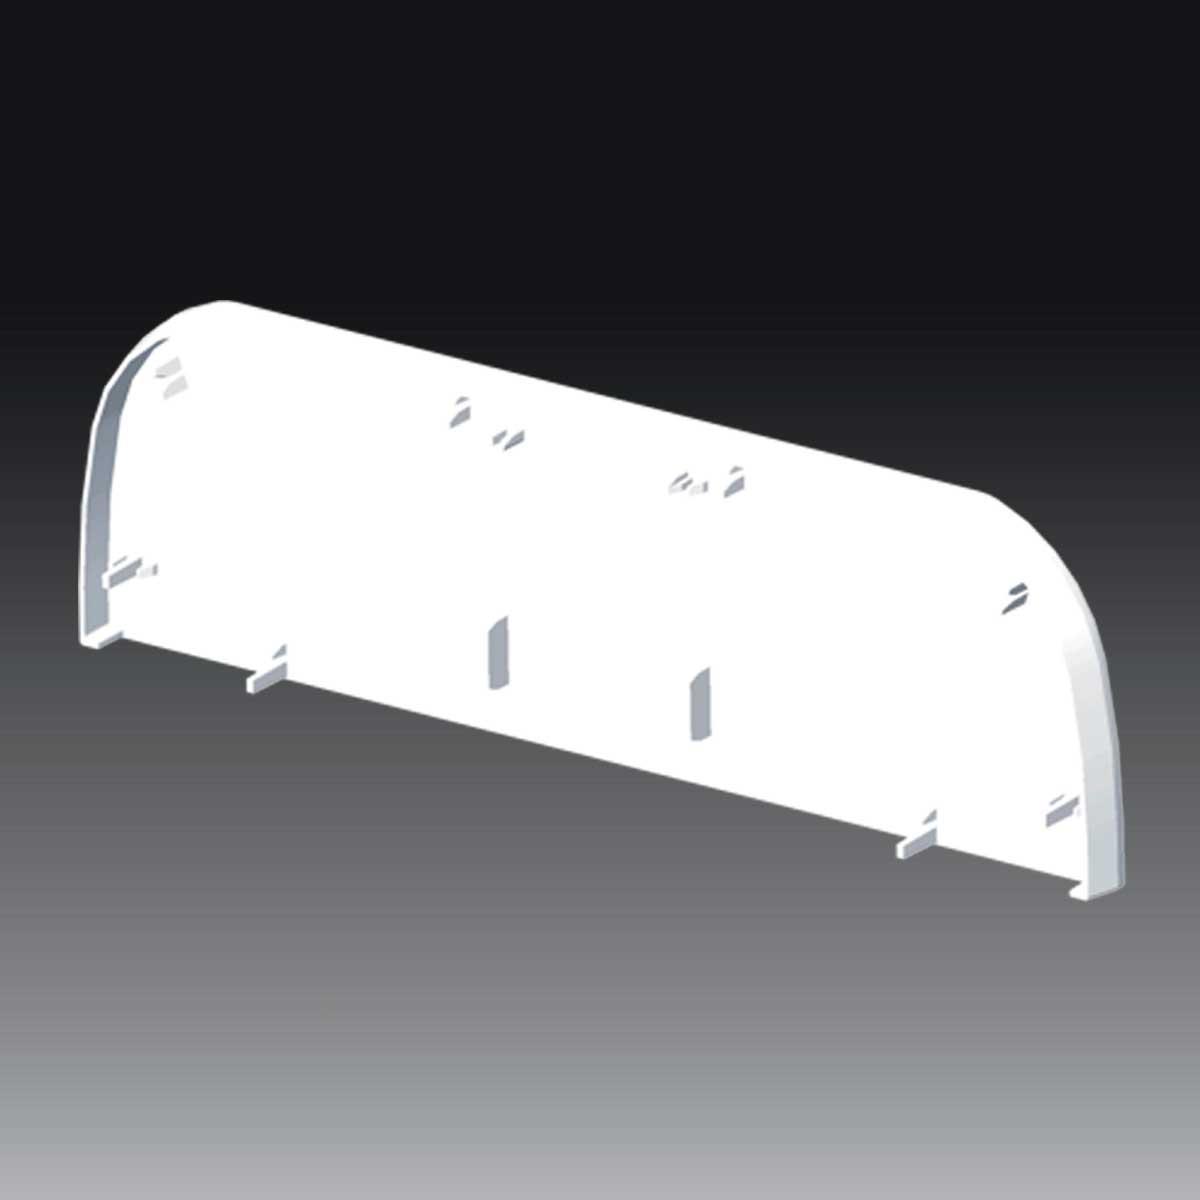 Заглушка для PK 210х70 D ; Серія PK; ПВХ